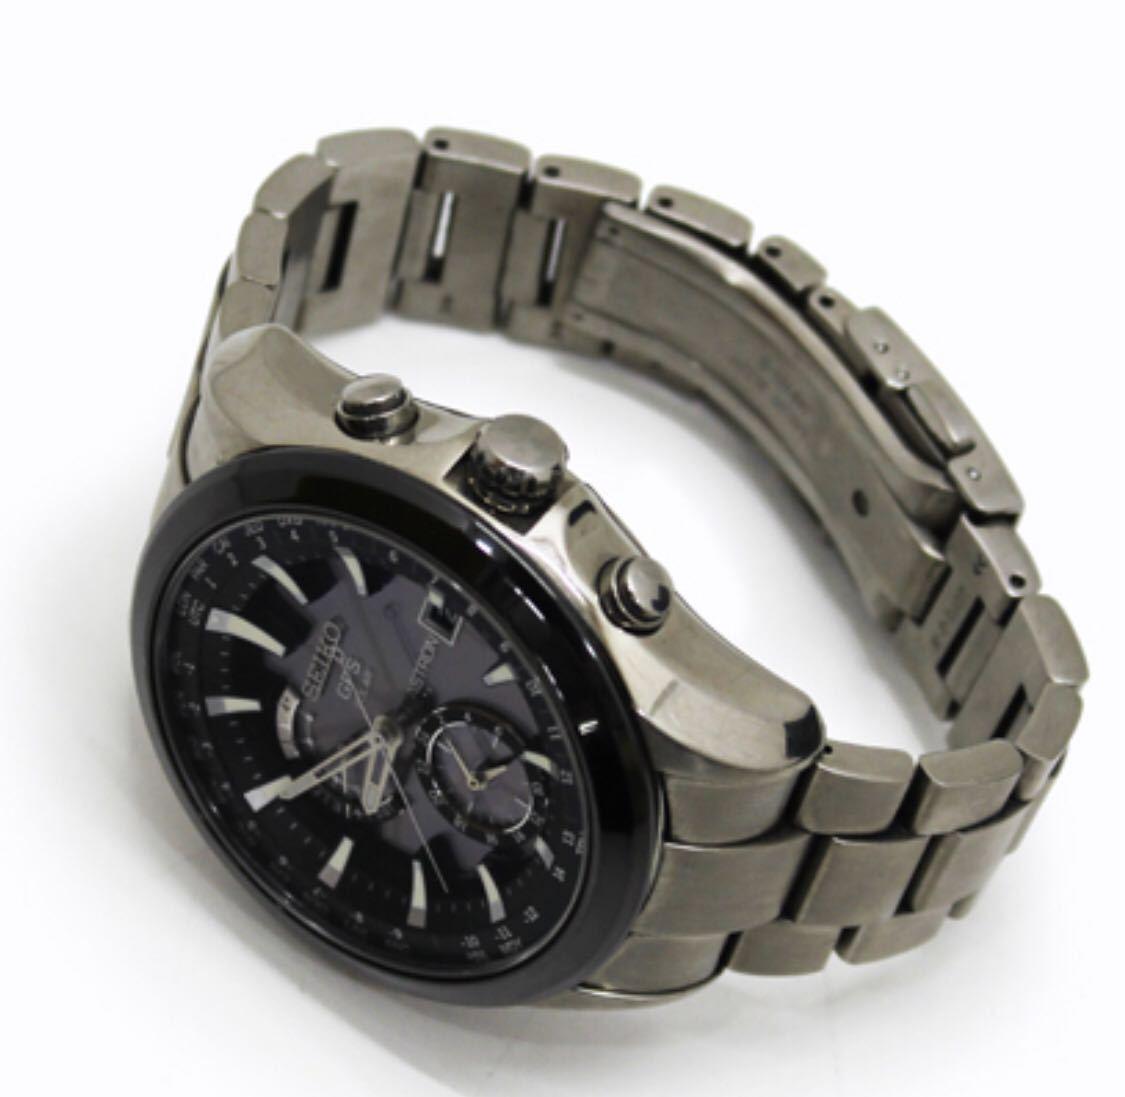 極上稼動美品!セイコー アストロン GPS ソーラー 7X52-0AA0 チタン メンズ 腕時計 取説 アストロンDVD 早い者勝ち!_画像8